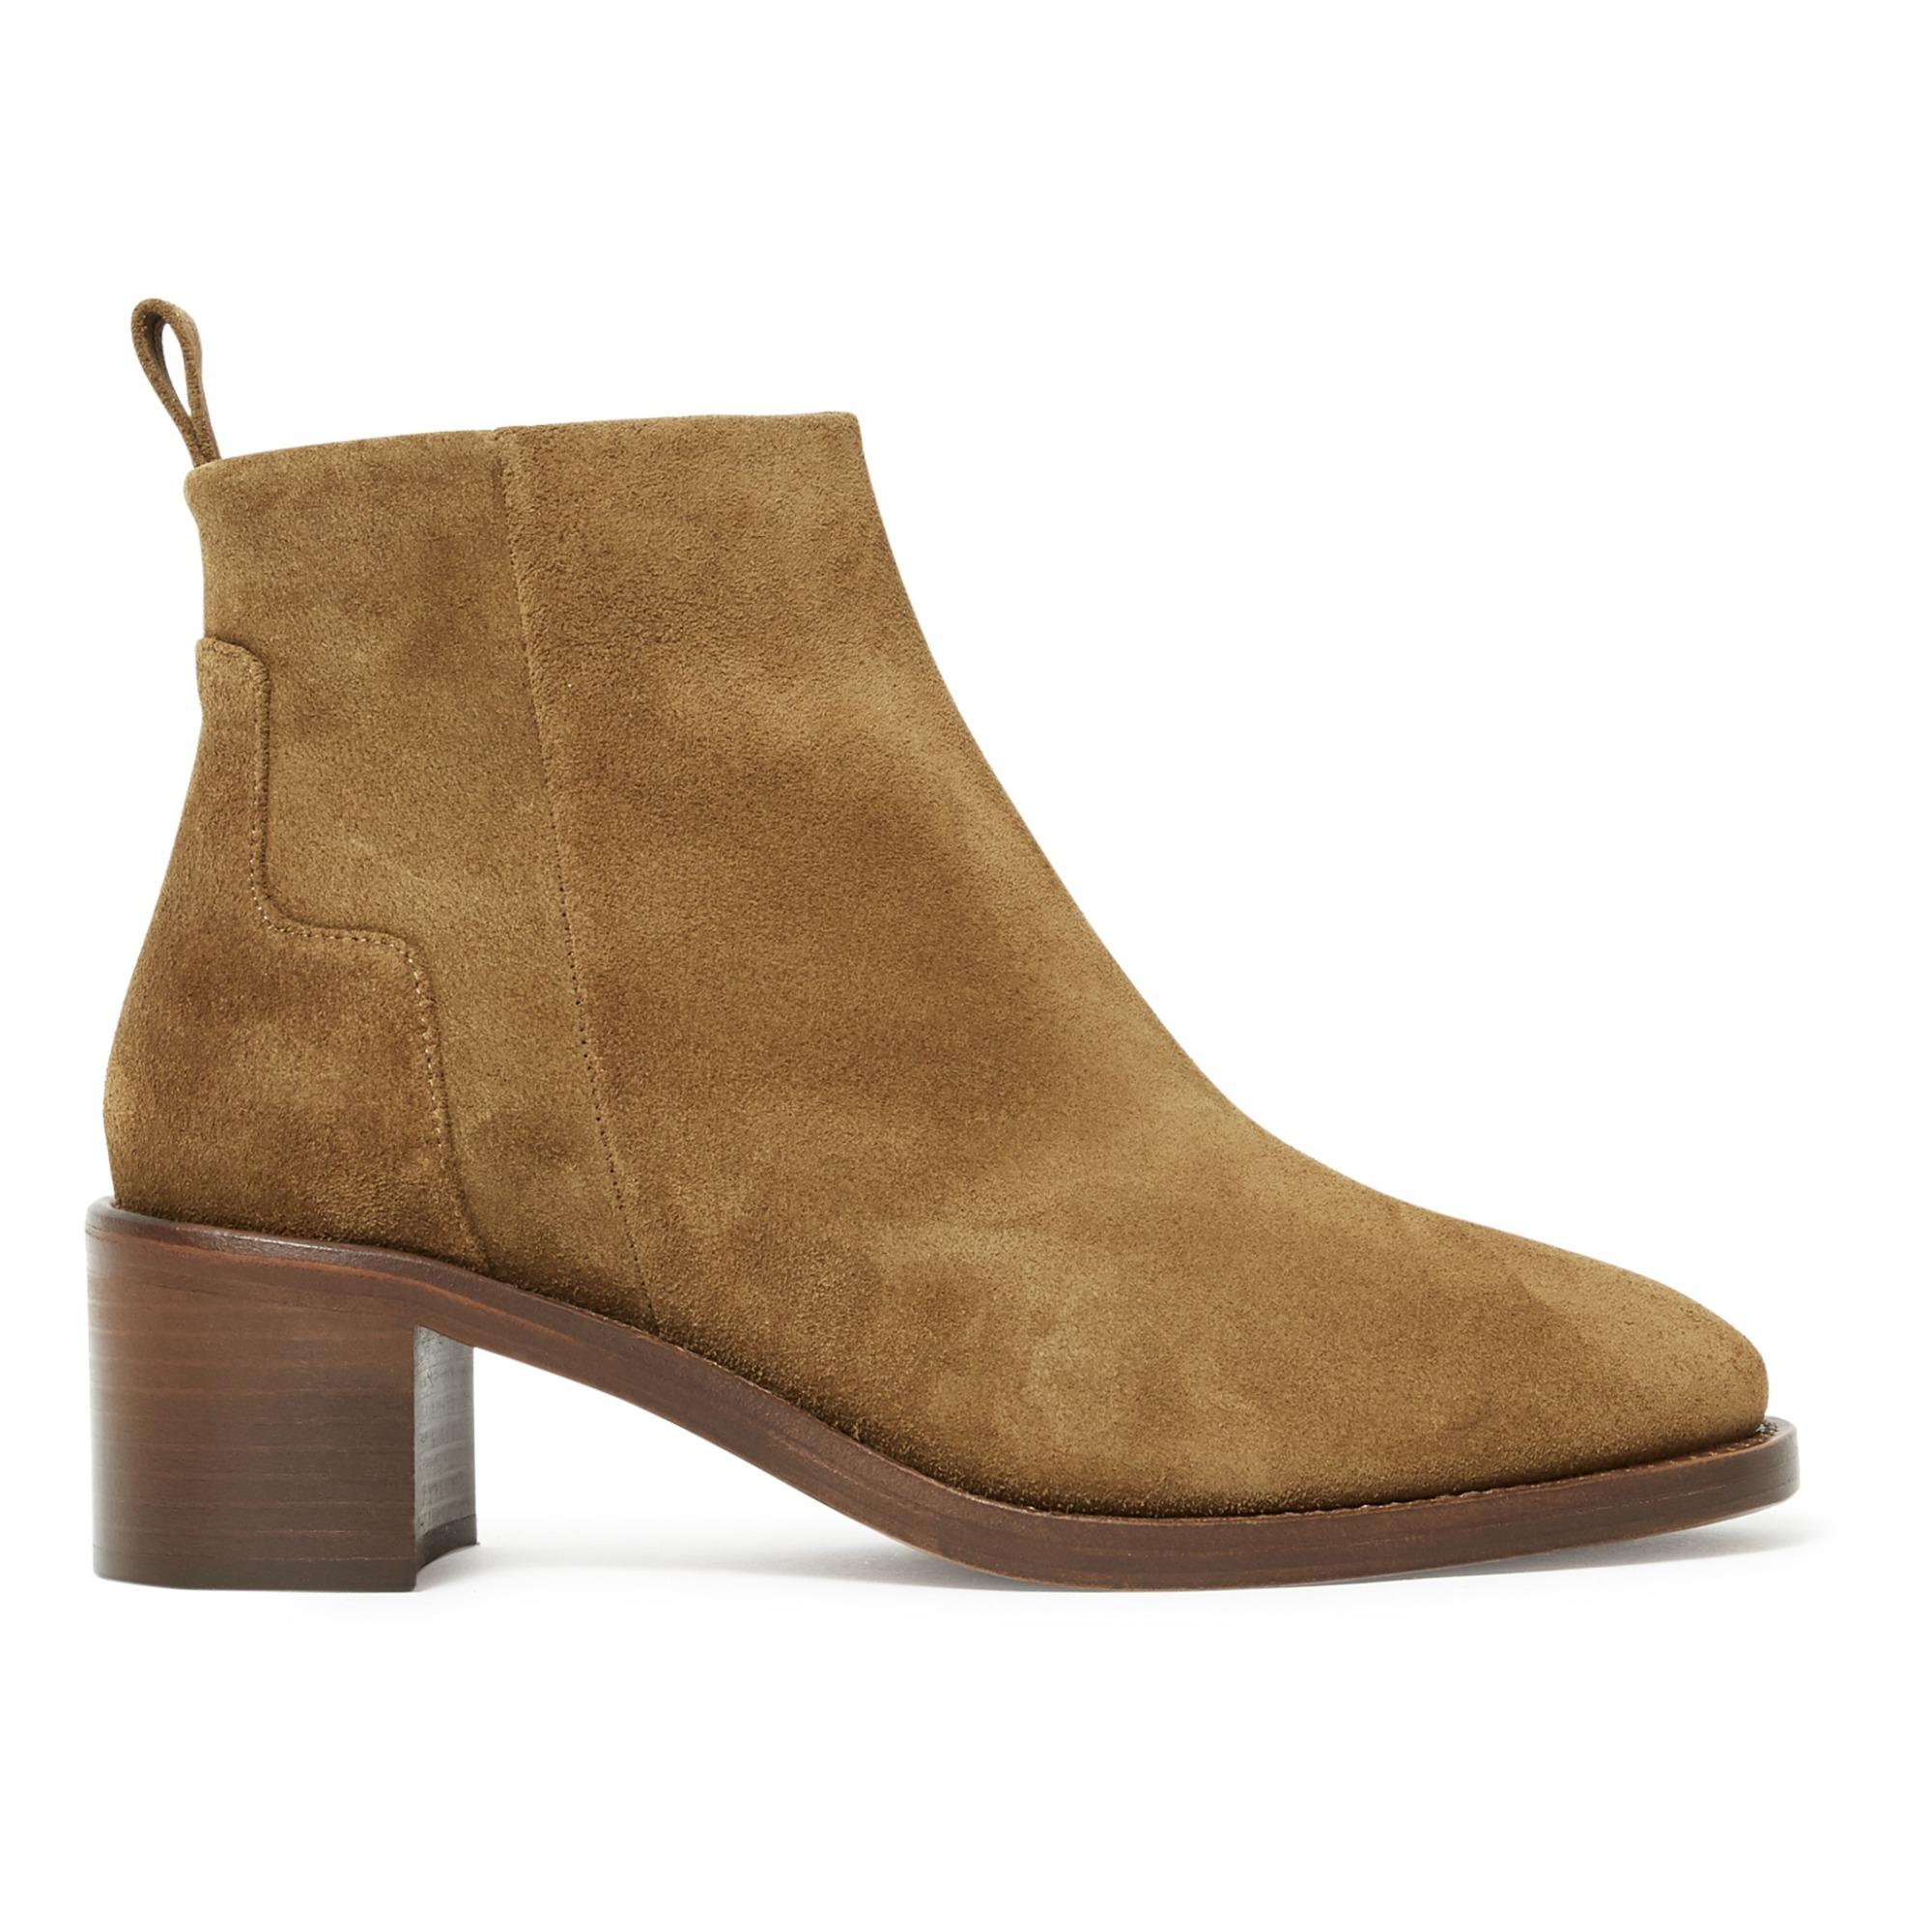 Nâ°286 Velvet Calfskin Ankle Boots